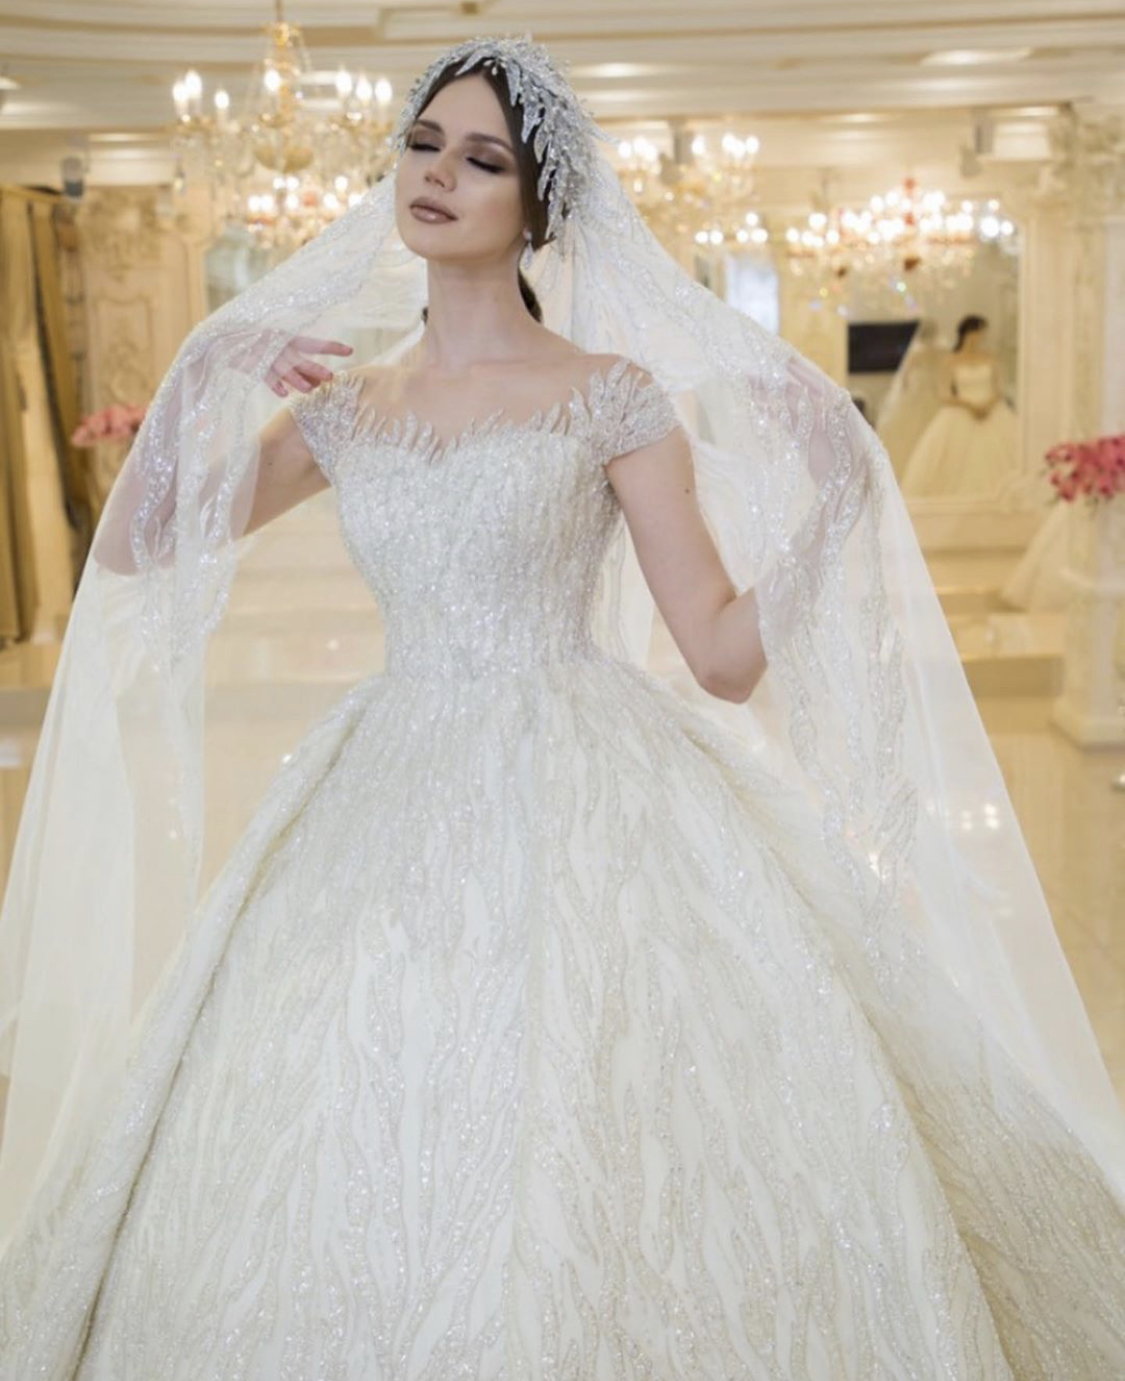 فساتين زفاف بأكمام قصيرة